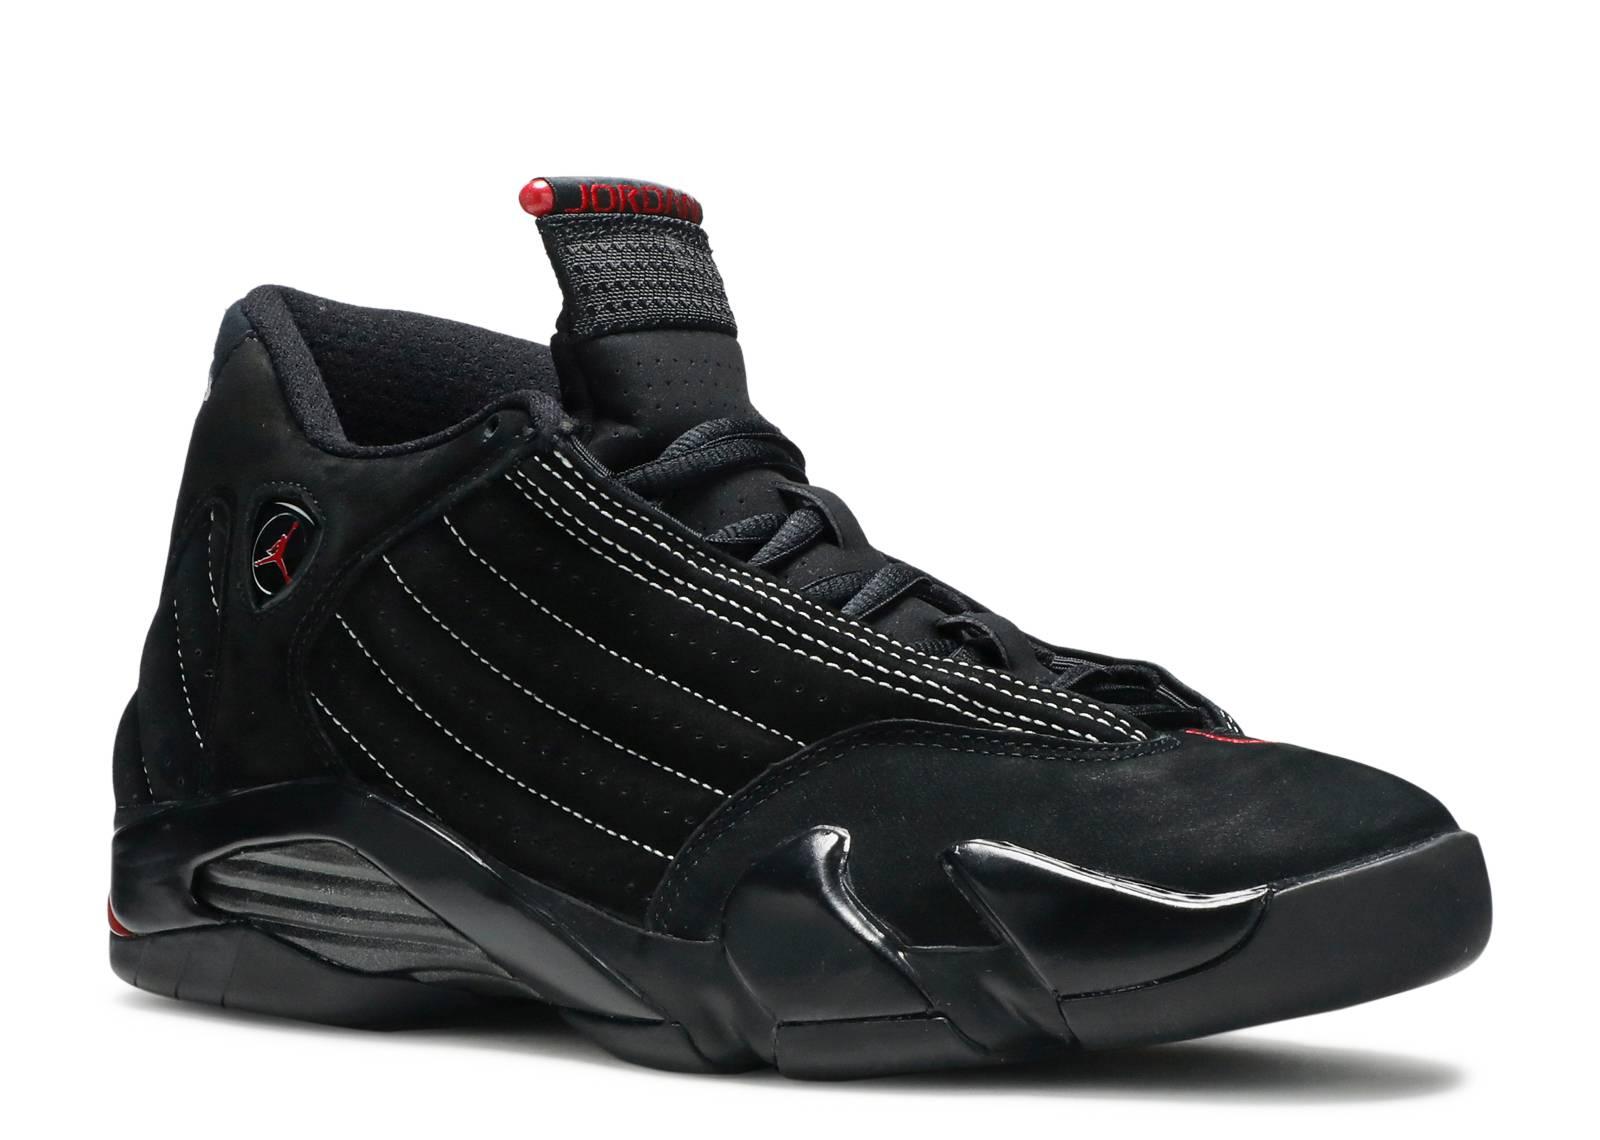 huge discount 93f12 a2dc0 Air Jordan 14 Retro